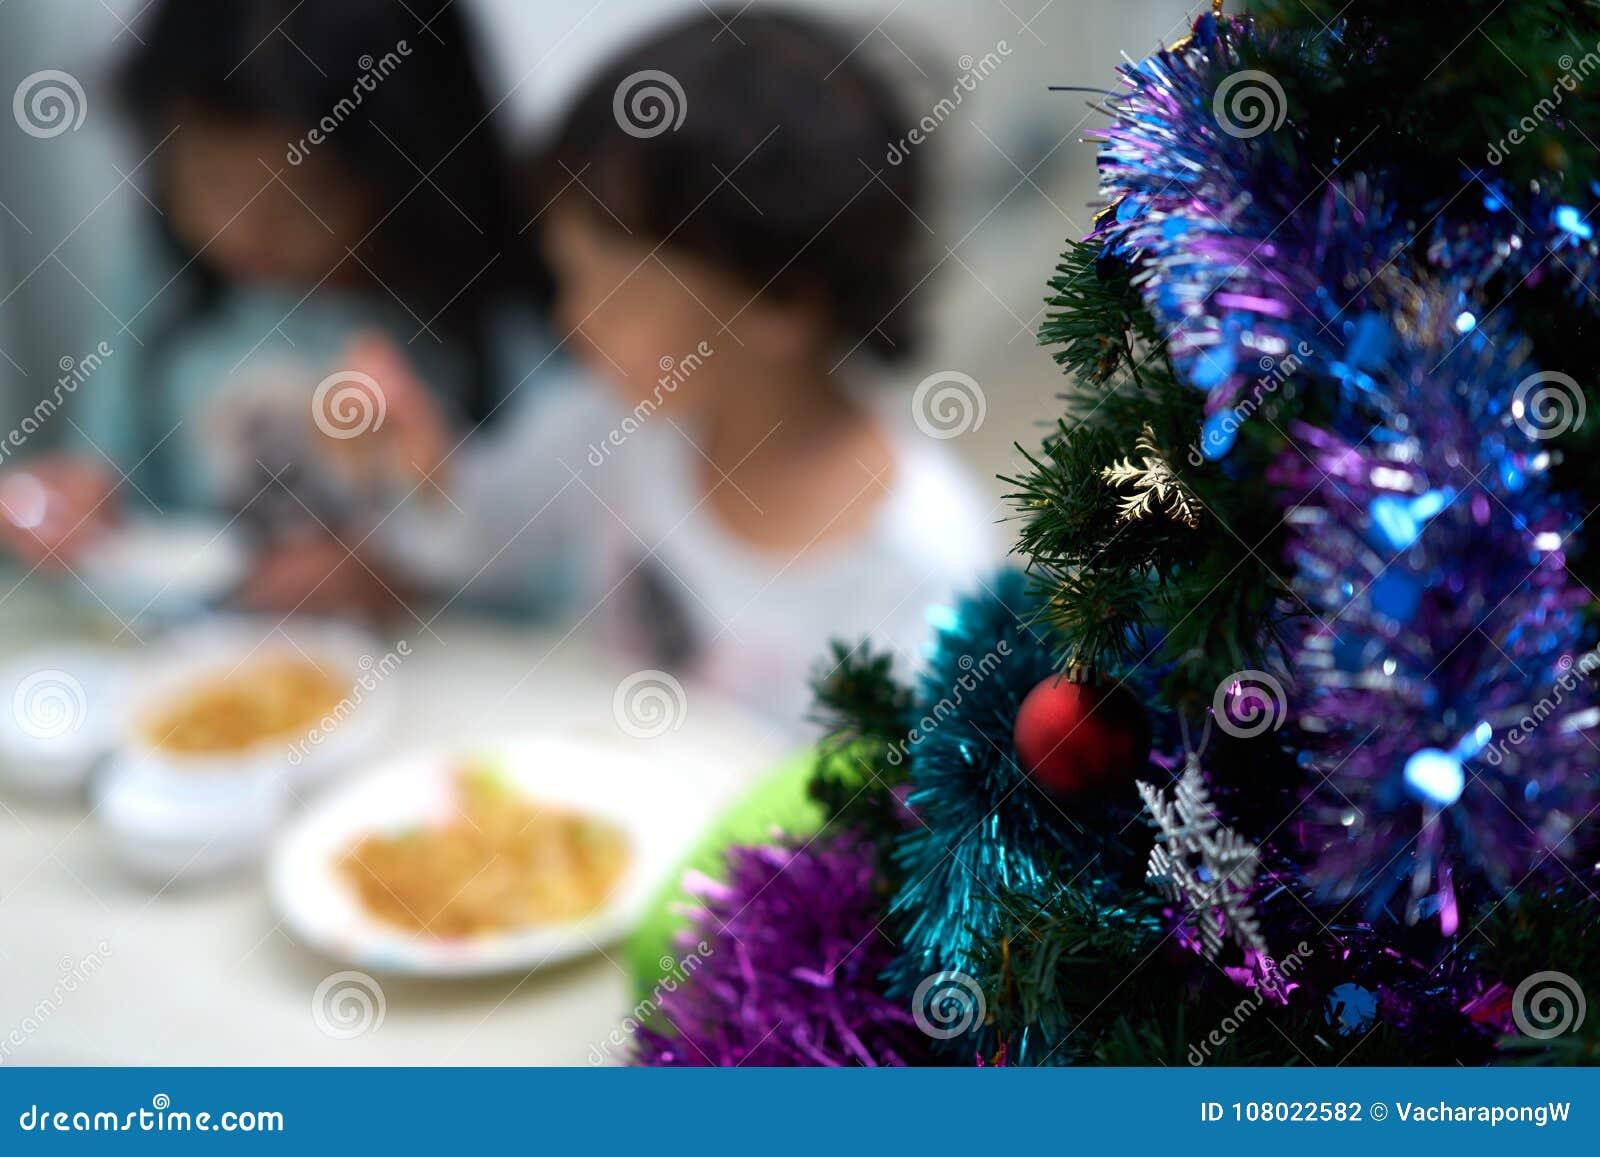 Offuschi la foto dei bambini che mangiano e goda della festa di Natale e del nuovo anno